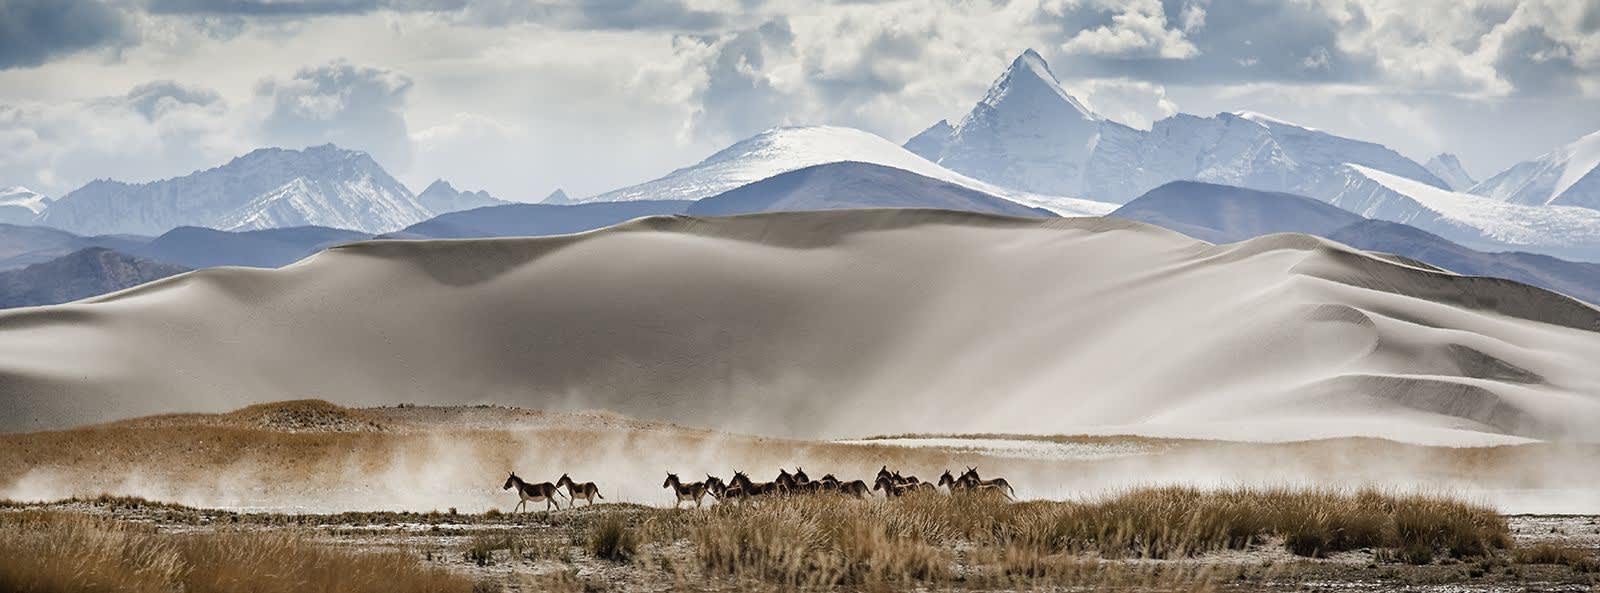 Matjaž Krivic, Pasu, Tibet, 2002 – 2006